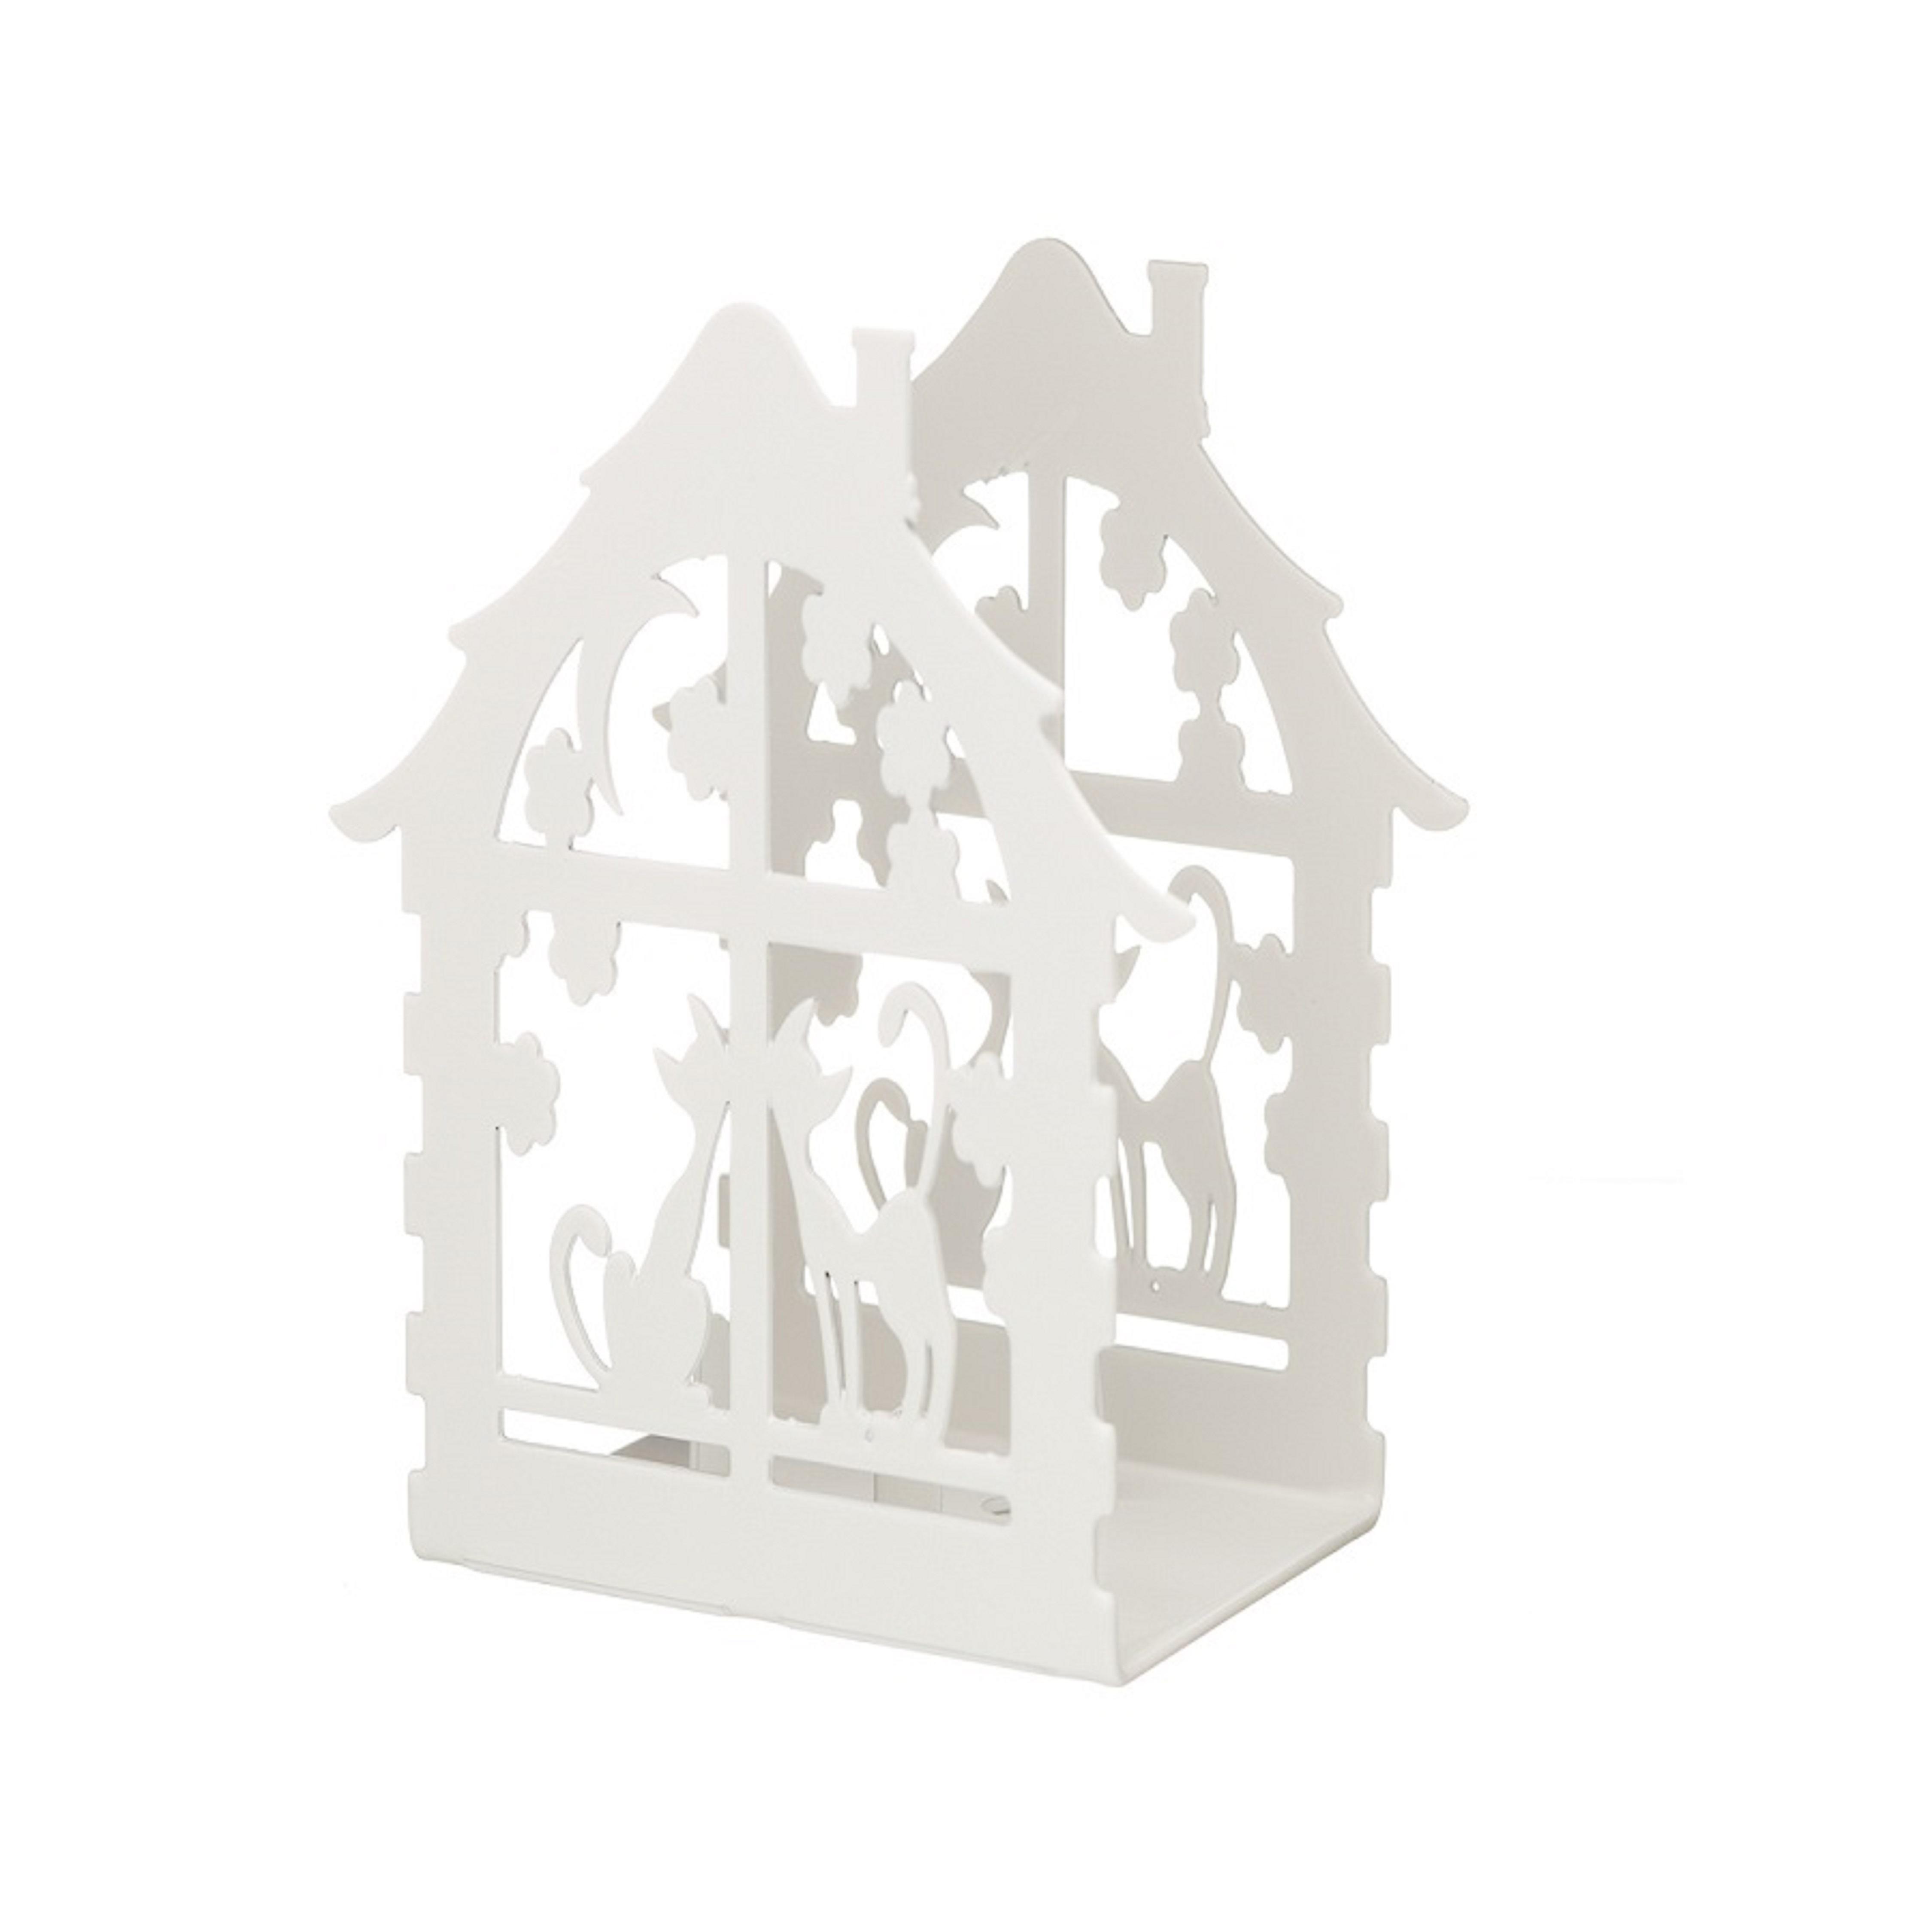 Подсвечник для чайной свечи Домик с кошками белый bs 557 подсвечник домик подарков 1146458